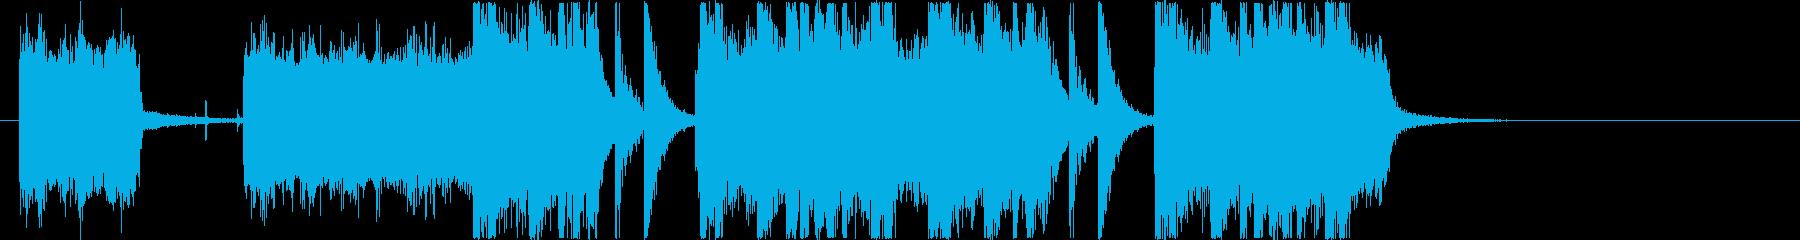 近未来的かつ期待感を与えるテクノピアノの再生済みの波形